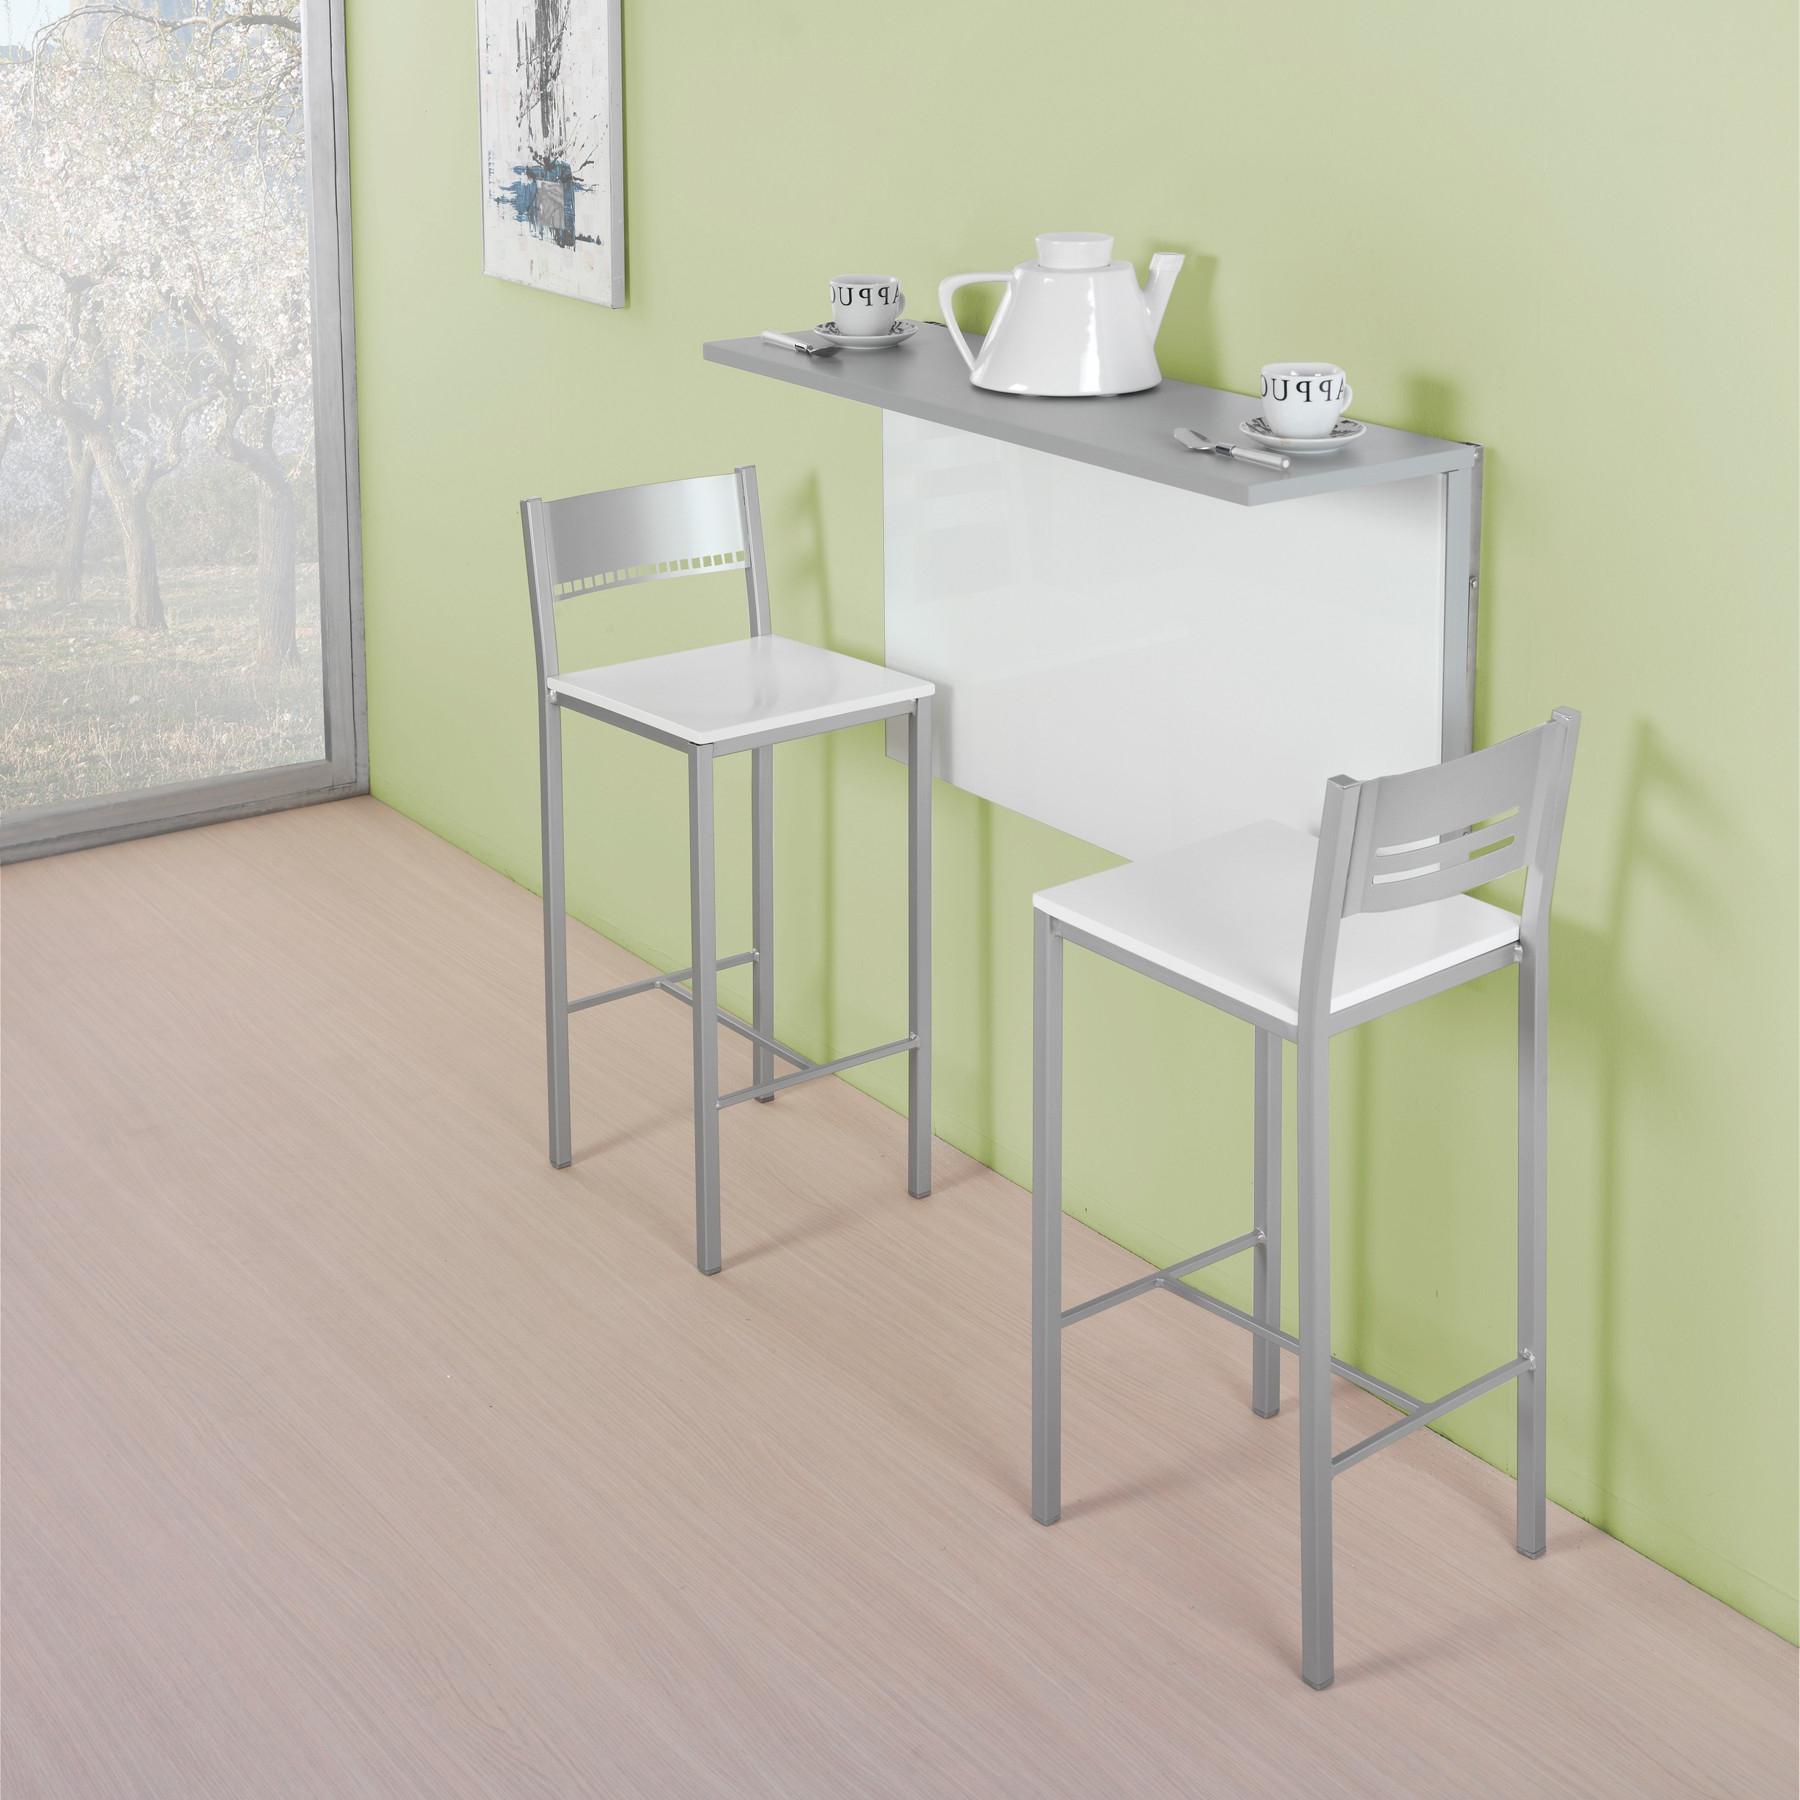 Mesa Ikea De Pared Norbo Cocina Abatible E9dx WD2E9IH